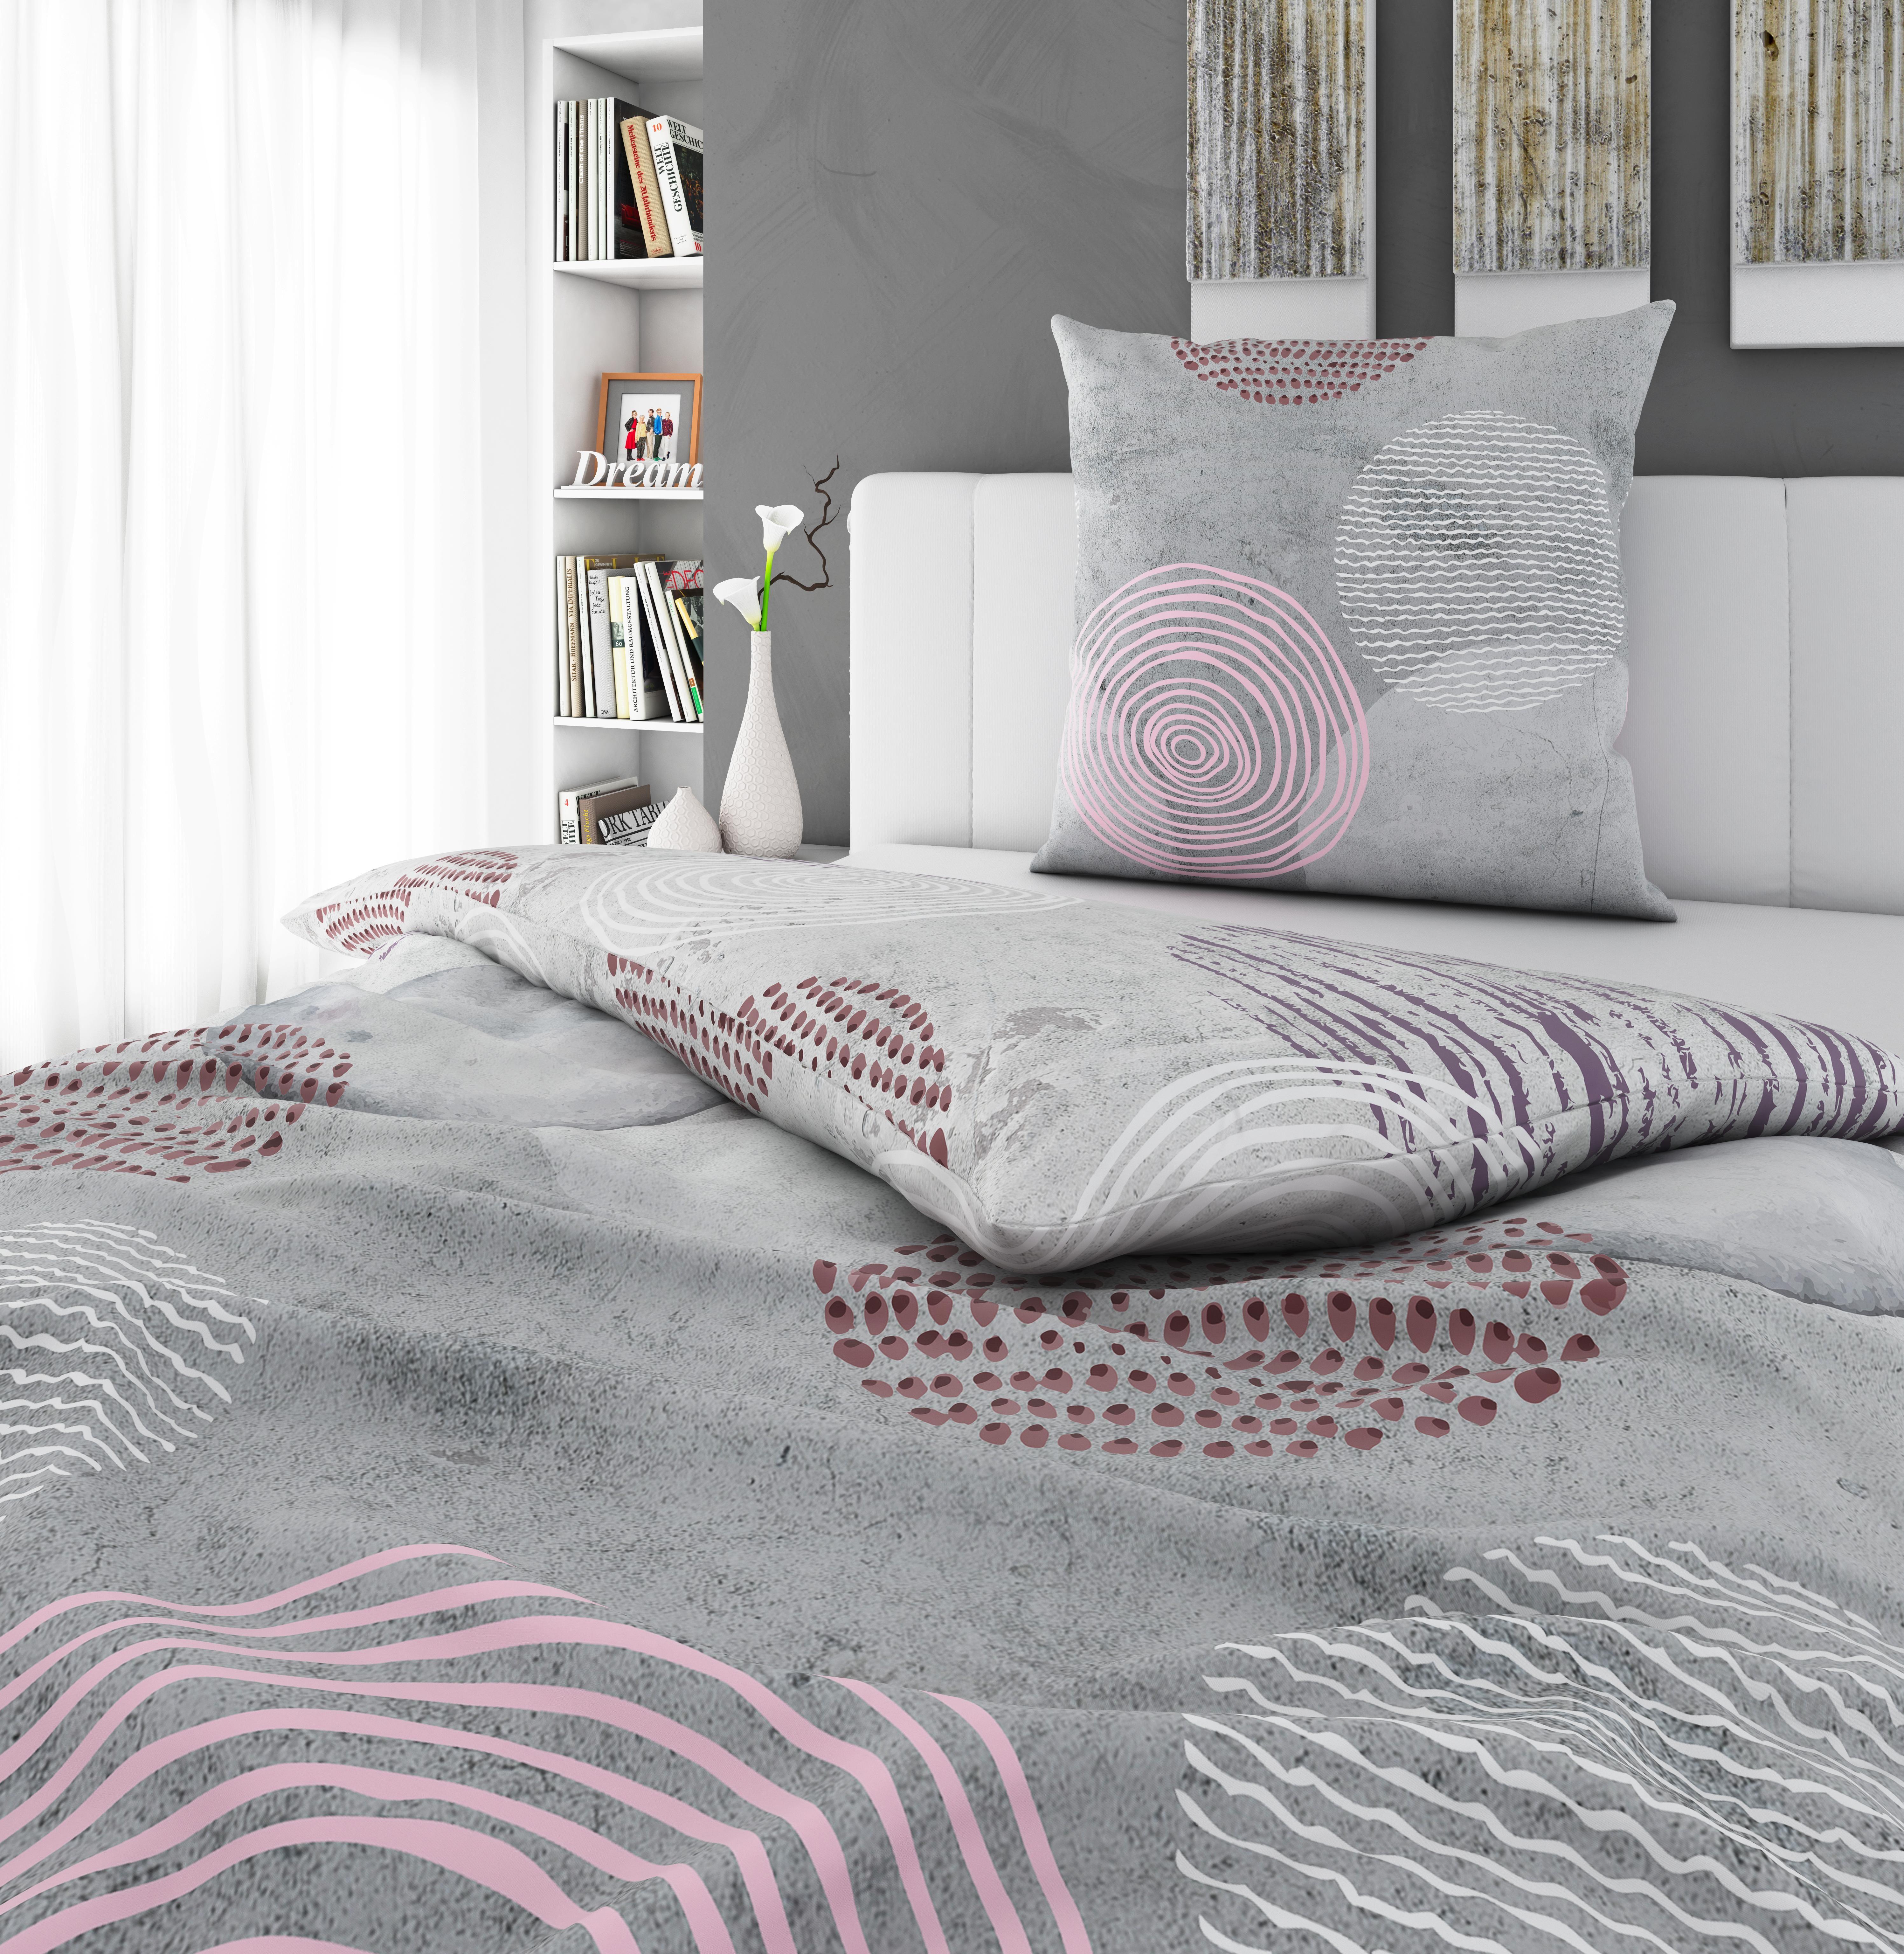 Auch Im Schlafzimmer Machen Sich Kreise Gut Vielleicht Wirken Sie